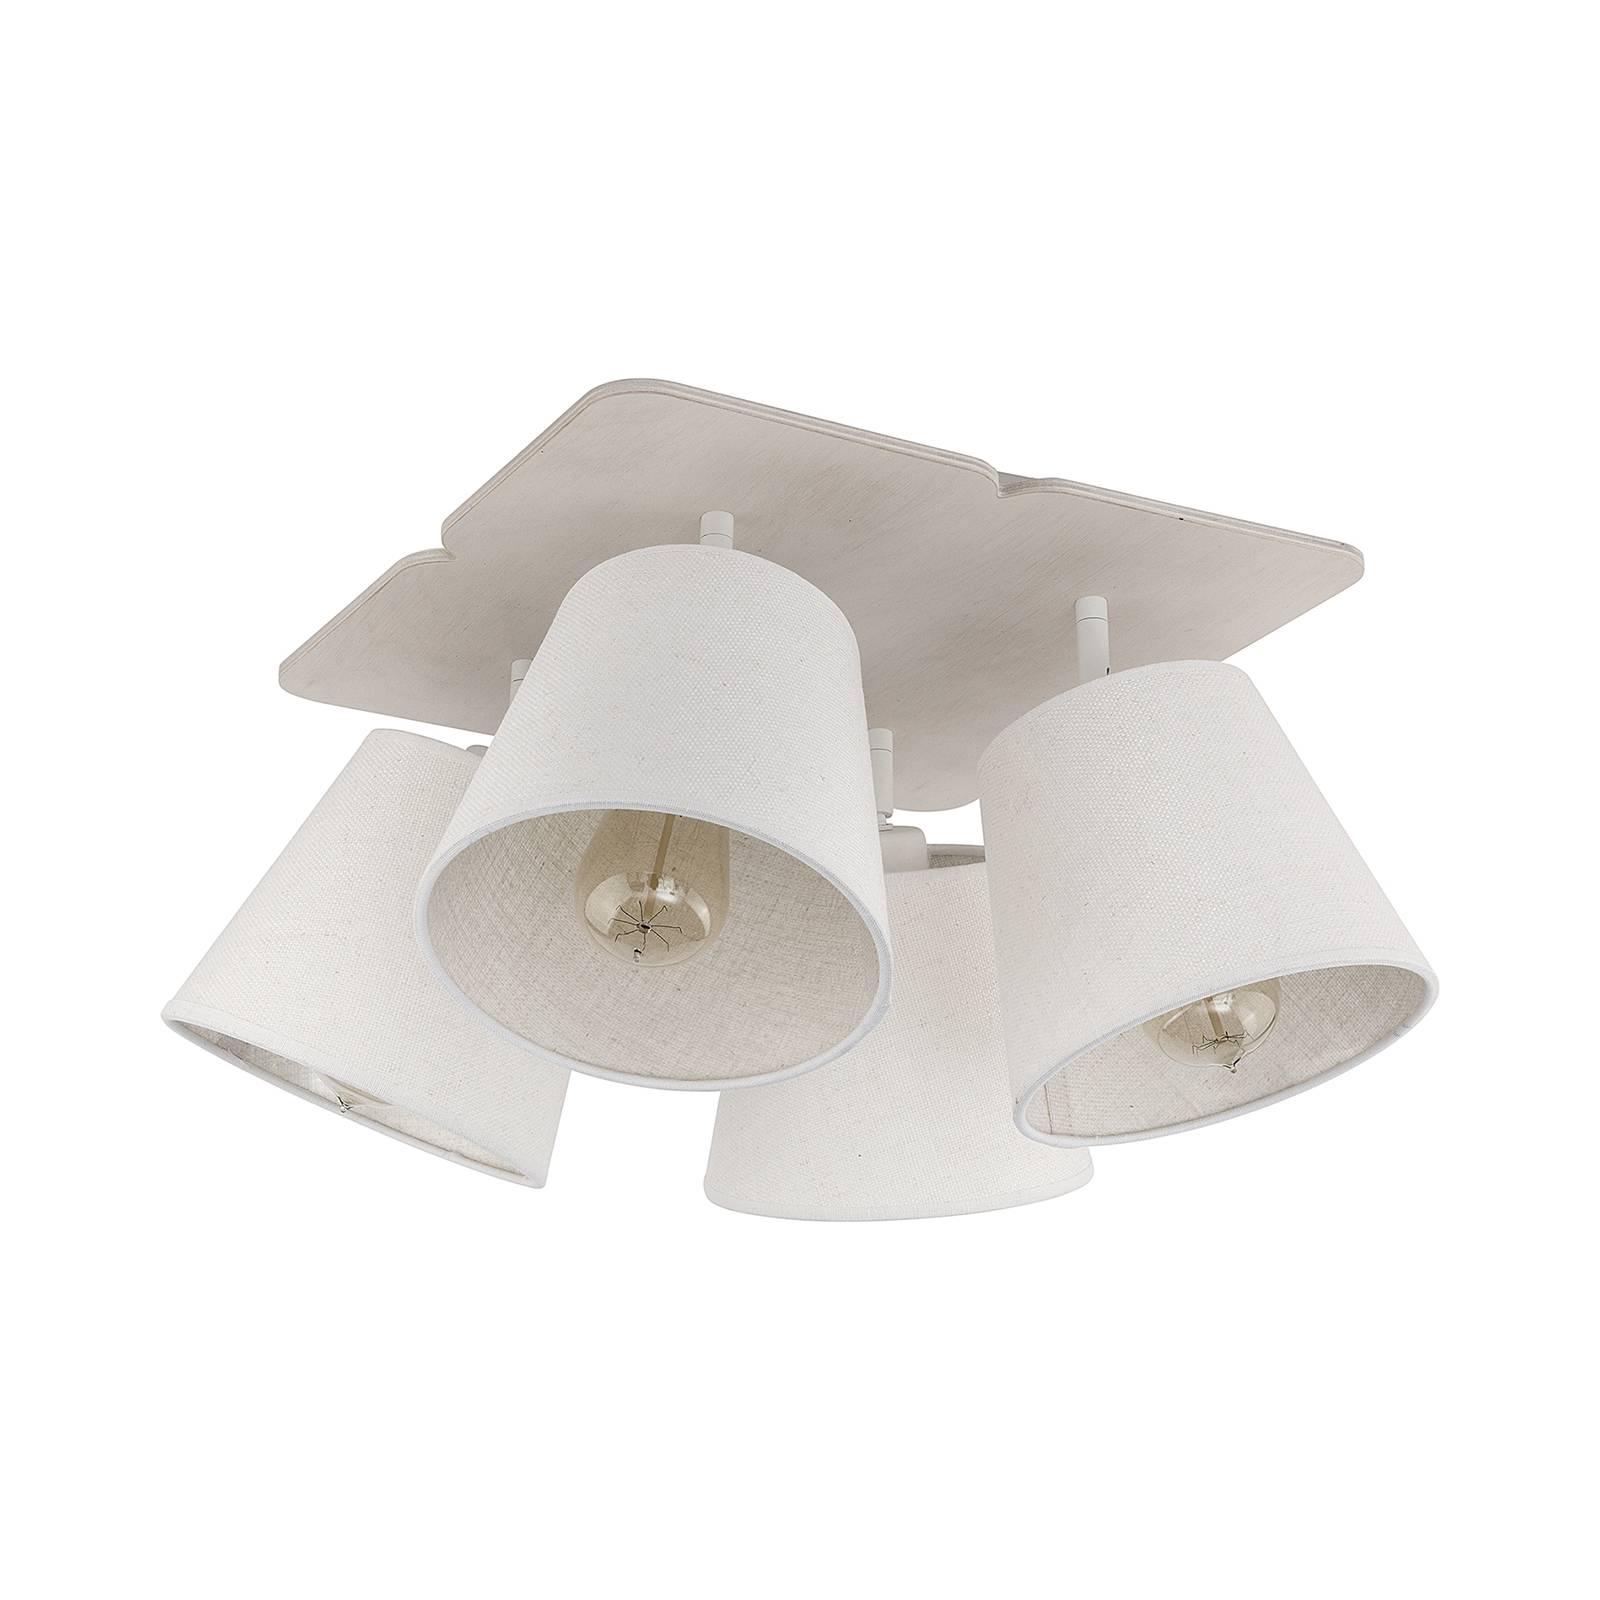 Kattovalaisin Awinion, 4-lamppuinen, valkoinen